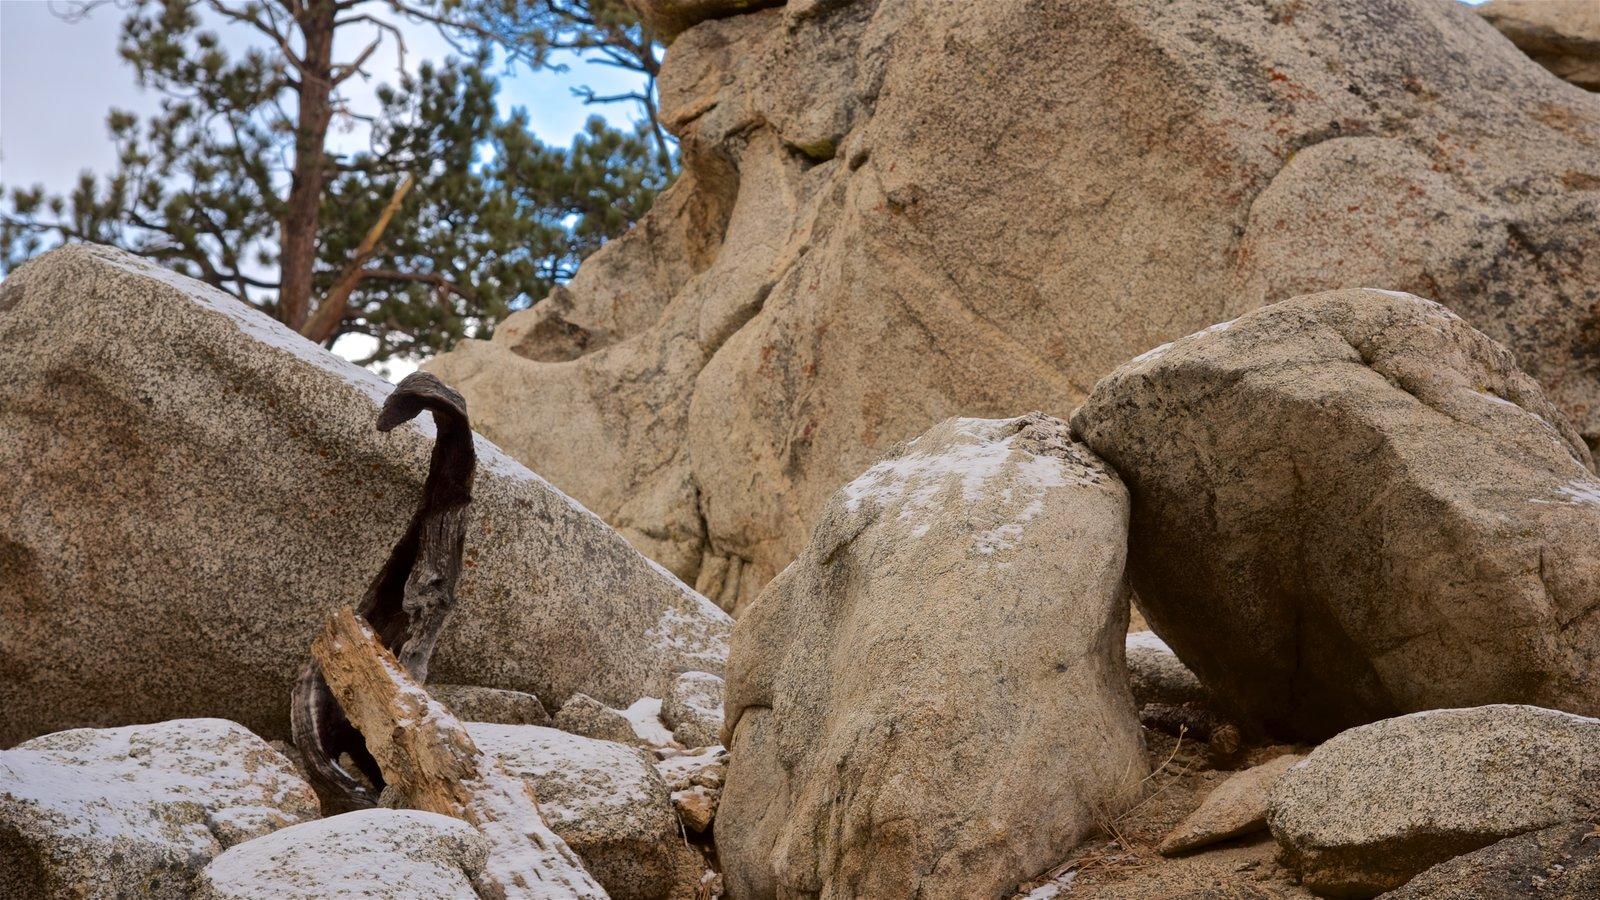 Parque estatal Mount San Jacinto que incluye escenas tranquilas